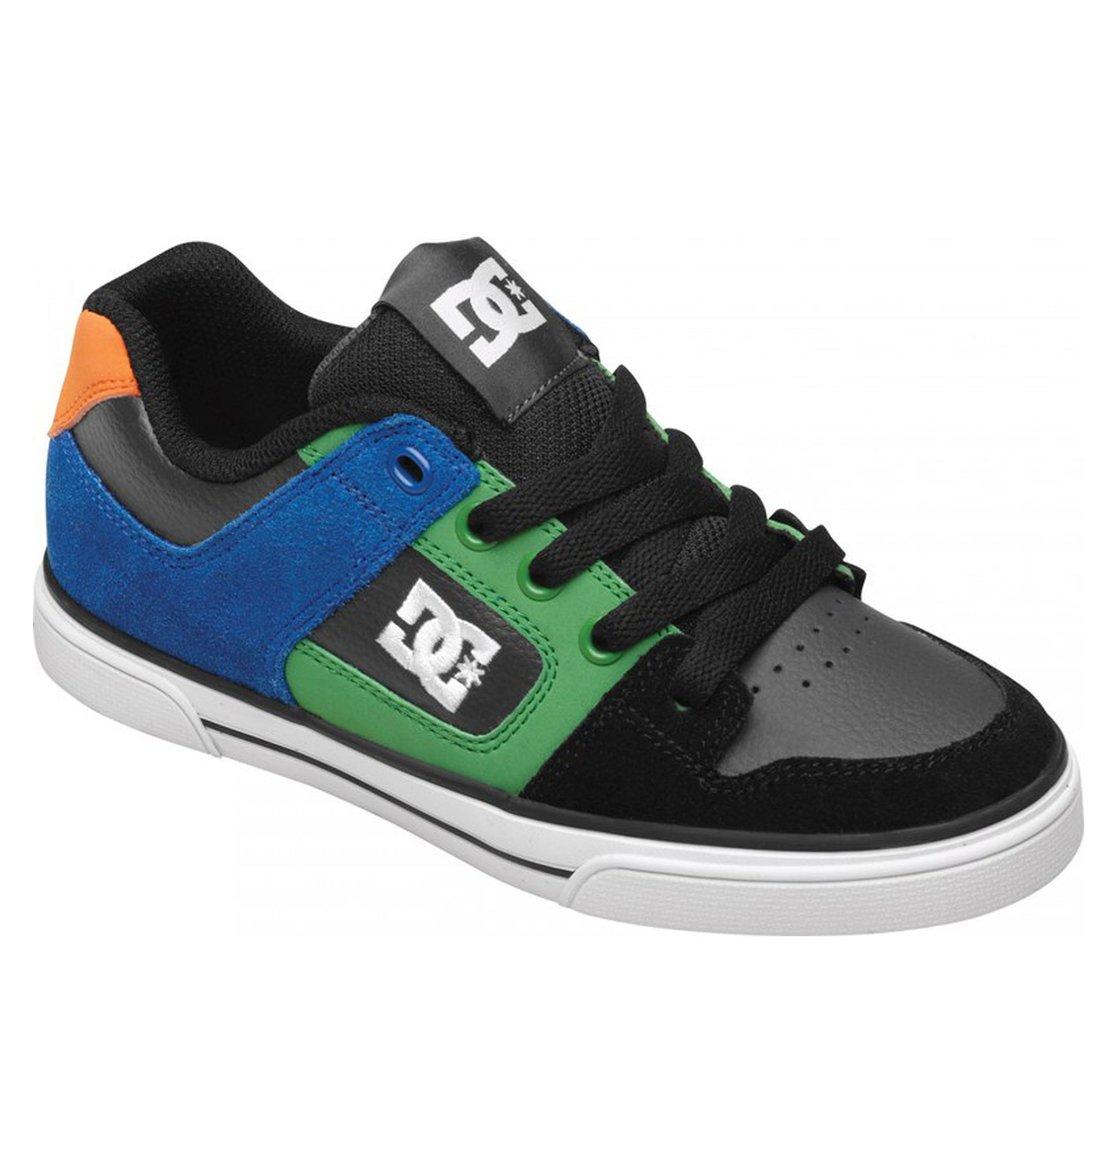 Dcshoes Низкие кеды Pure для мальчиков (4-7 лет) Pure Low Top Shoes